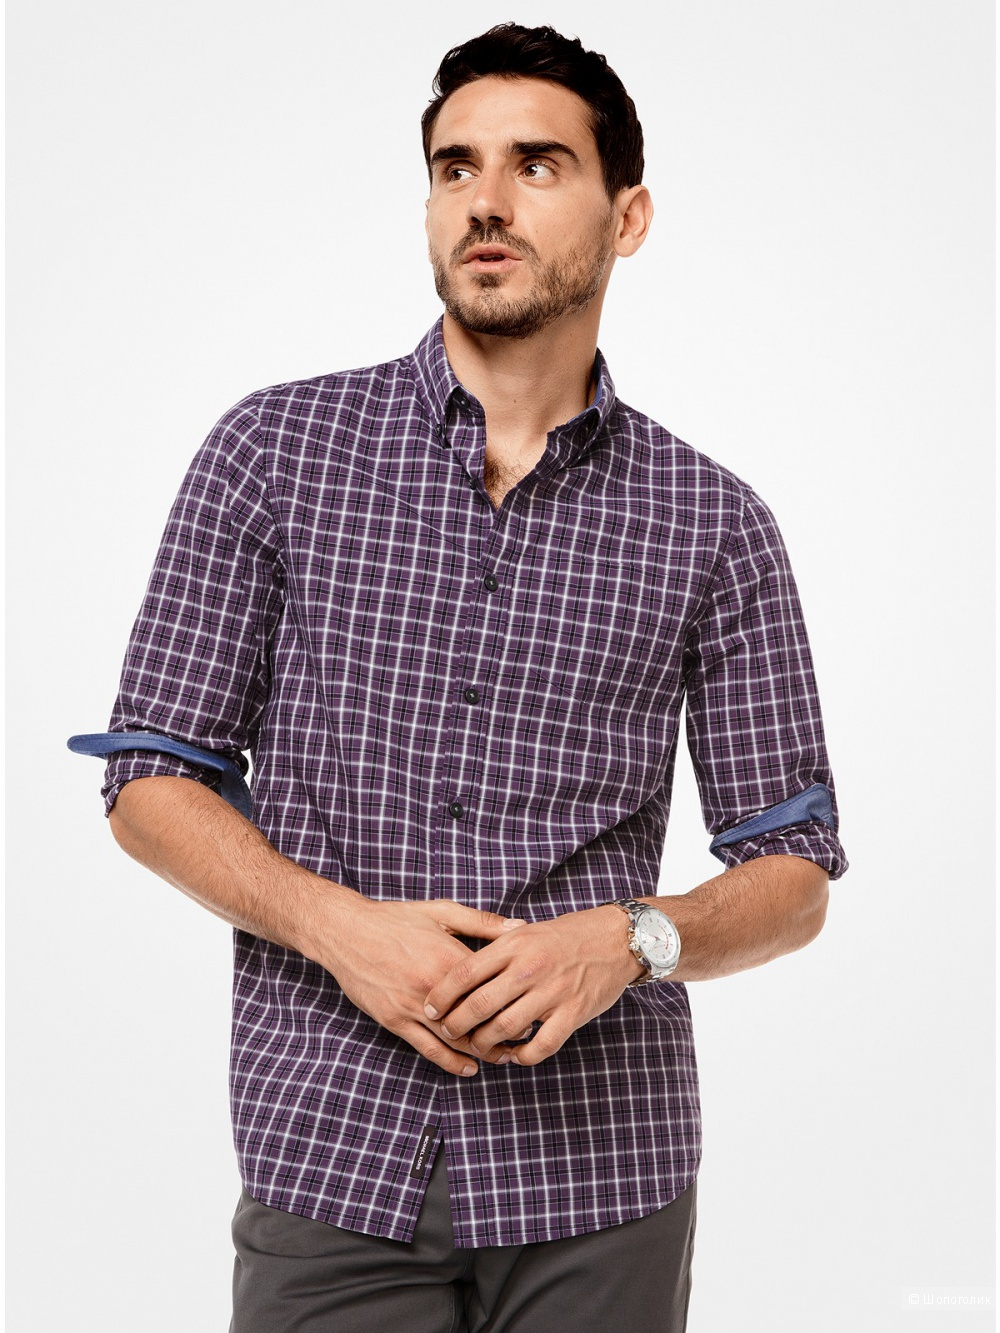 Мужская рубашка Michael Kors, размер L